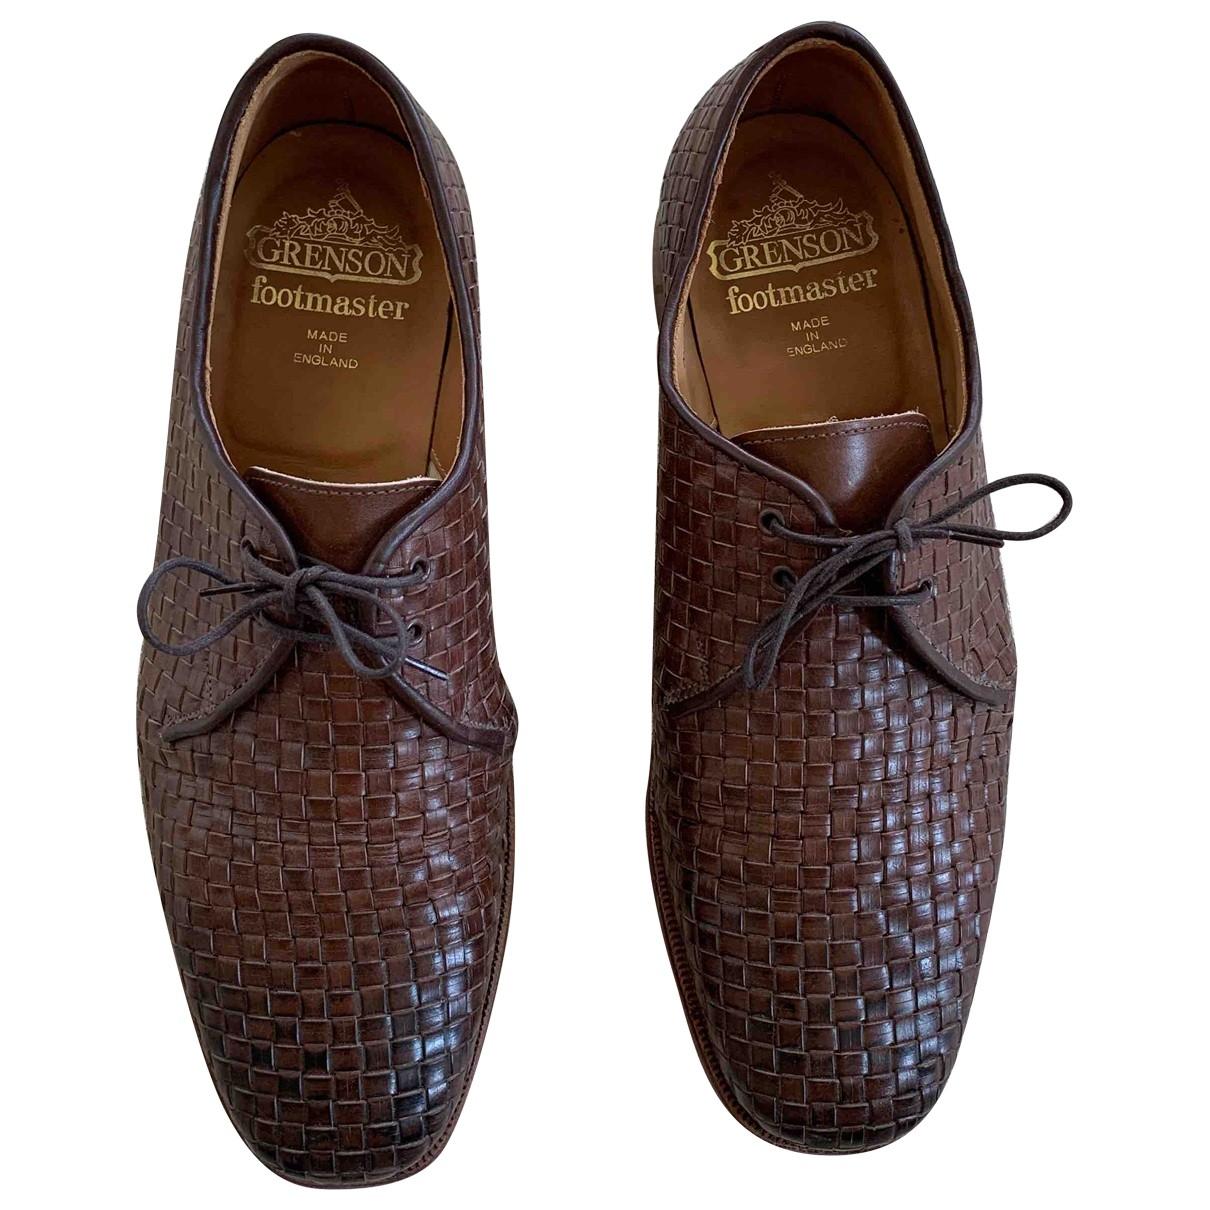 Grenson - Derbies   pour homme en cuir - marron